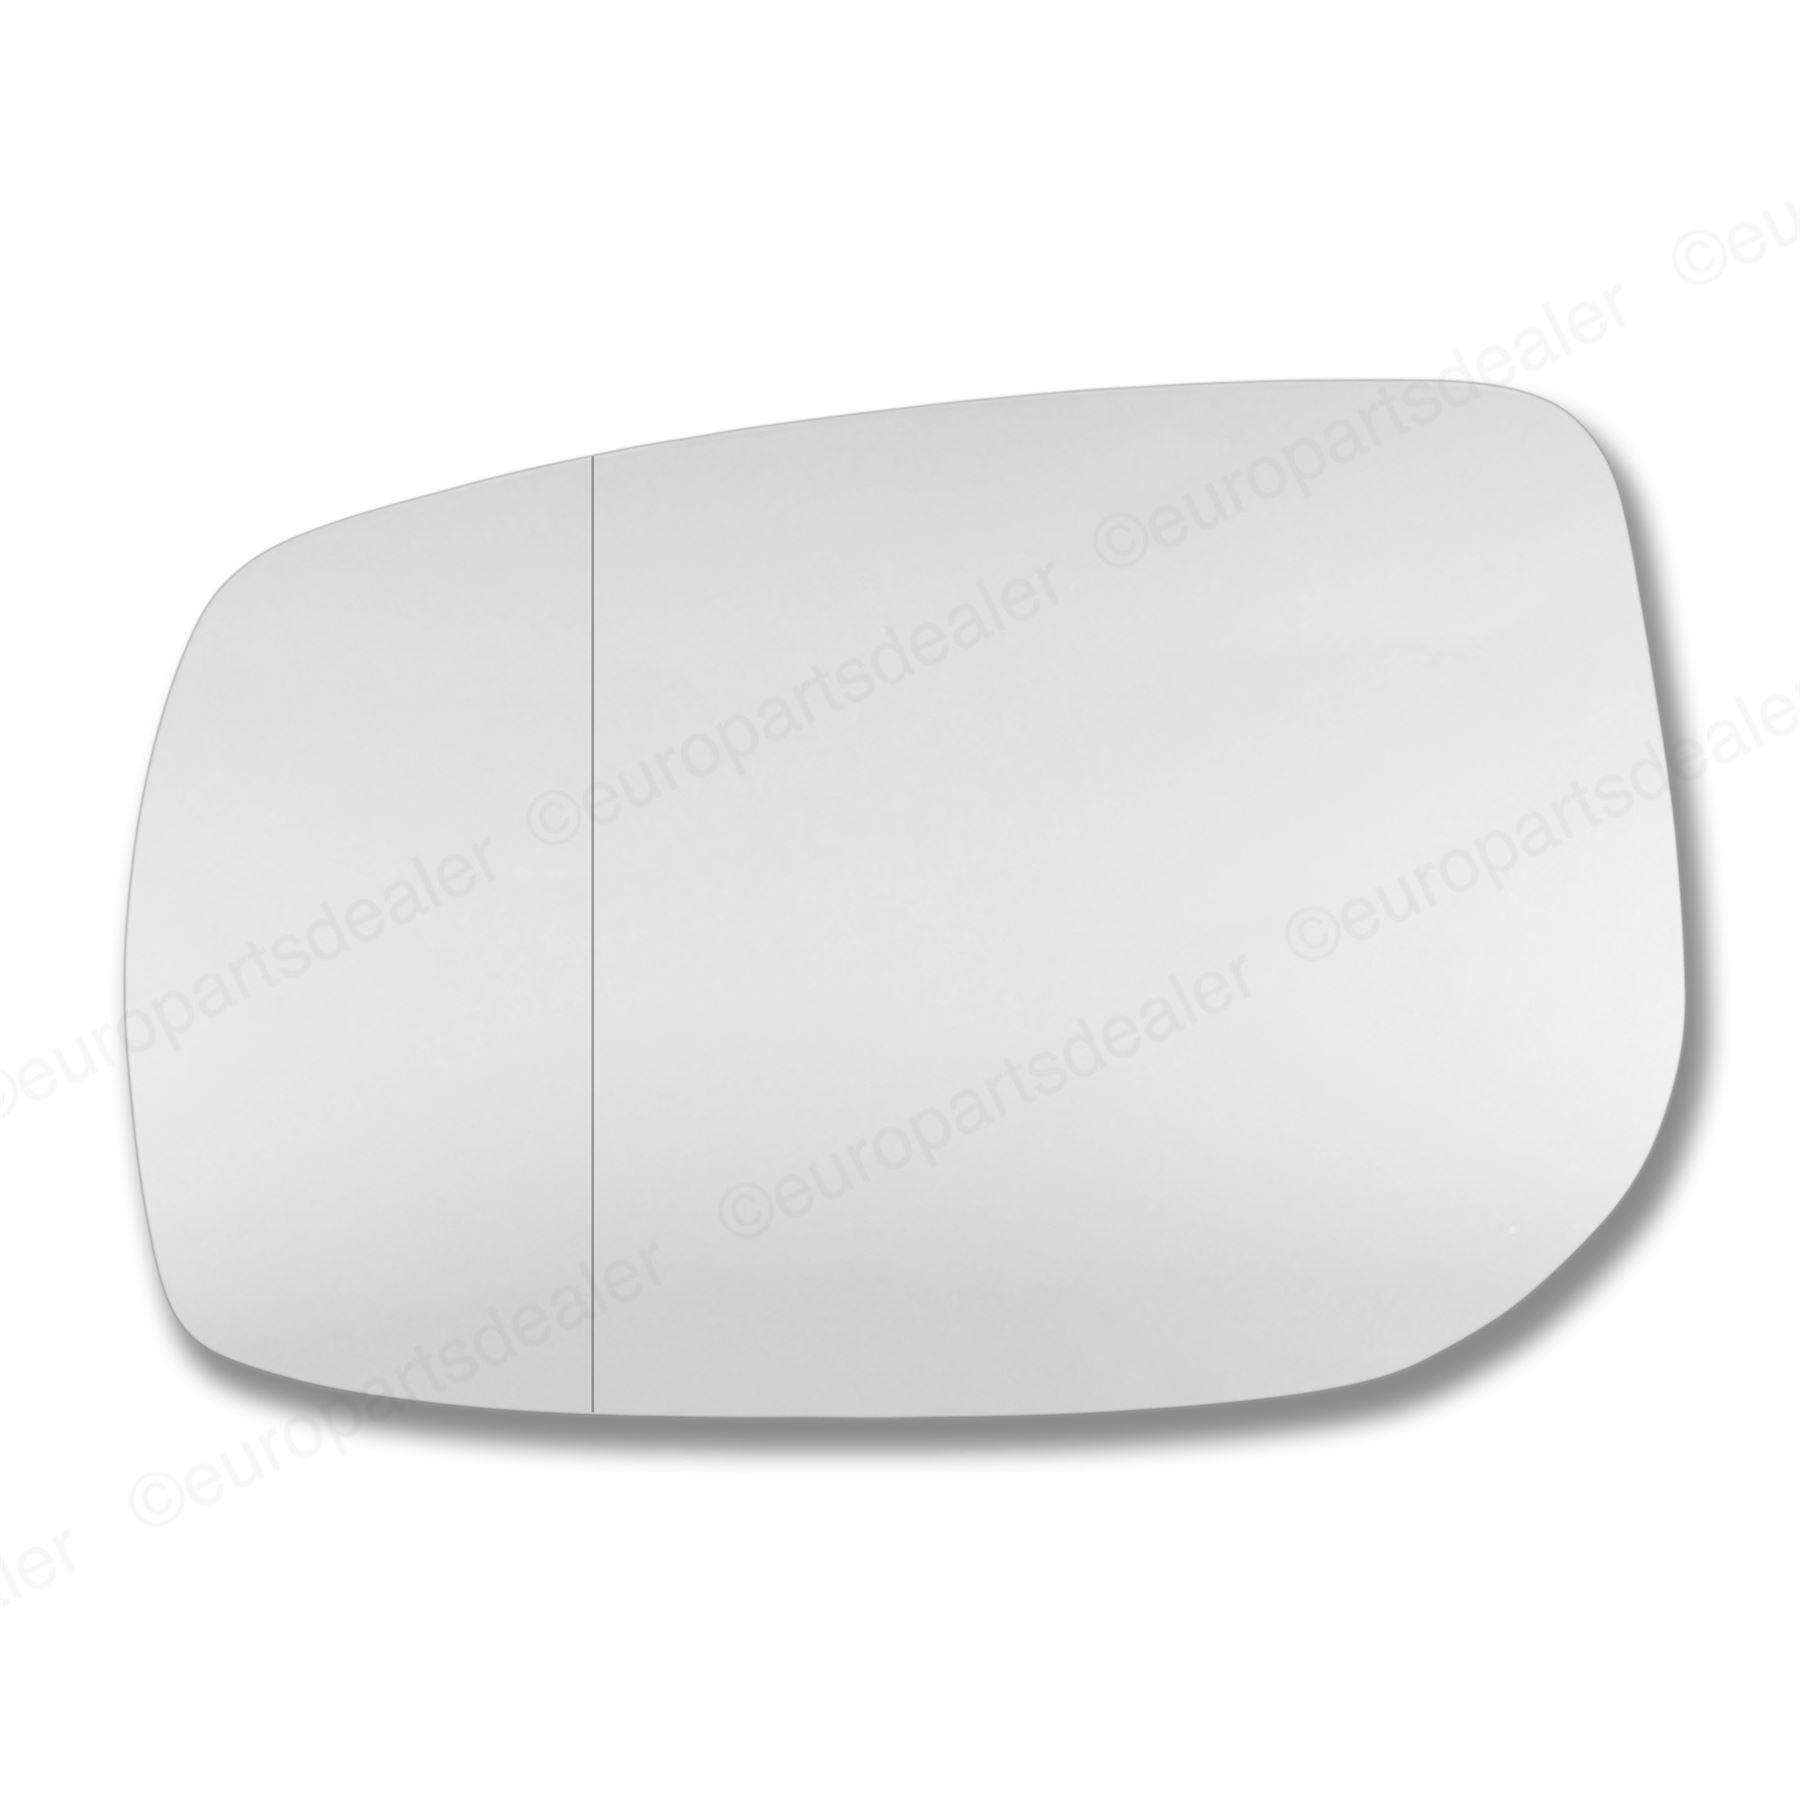 Derecho Lado Del Conductor Ala Gran Angular Cristal Espejo Para Toyota Urban Cruiser 2009-12